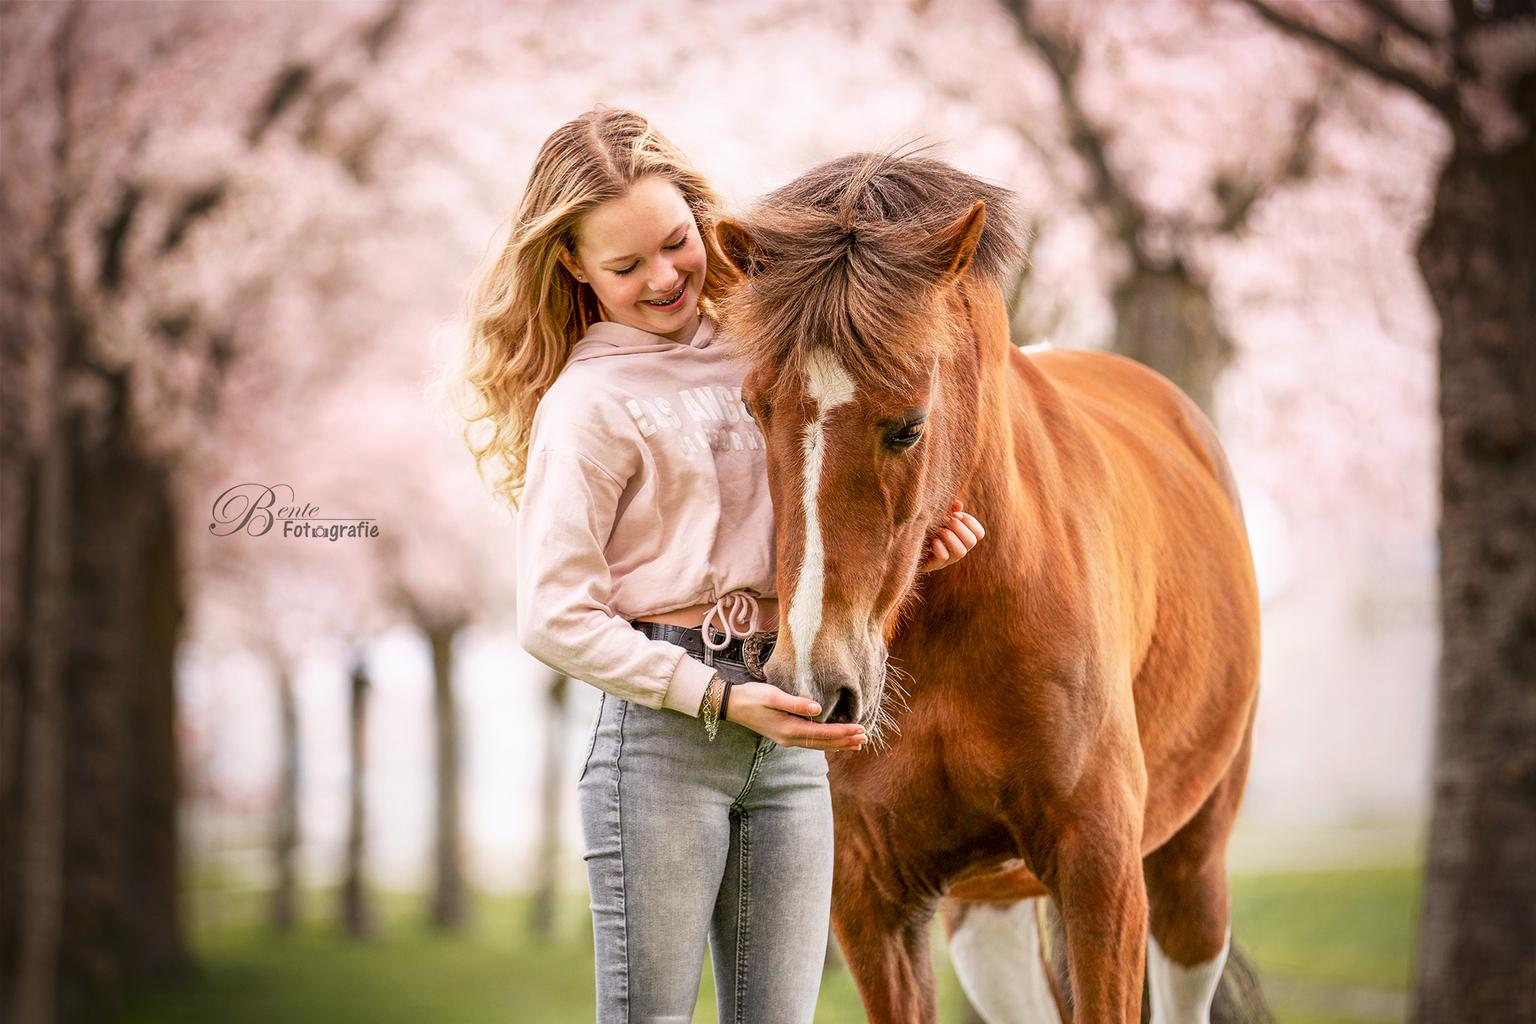 Mirte en Bonne - Mirte stond met haar pony Bonne model onder de bloeiende bloesembomen - foto door Bentefotografie op 12-04-2021 - deze foto bevat: paard, fabriek, jurk, mensen in de natuur, flitsfotografie, lever, gelukkig, werkend dier, gebaar, boom